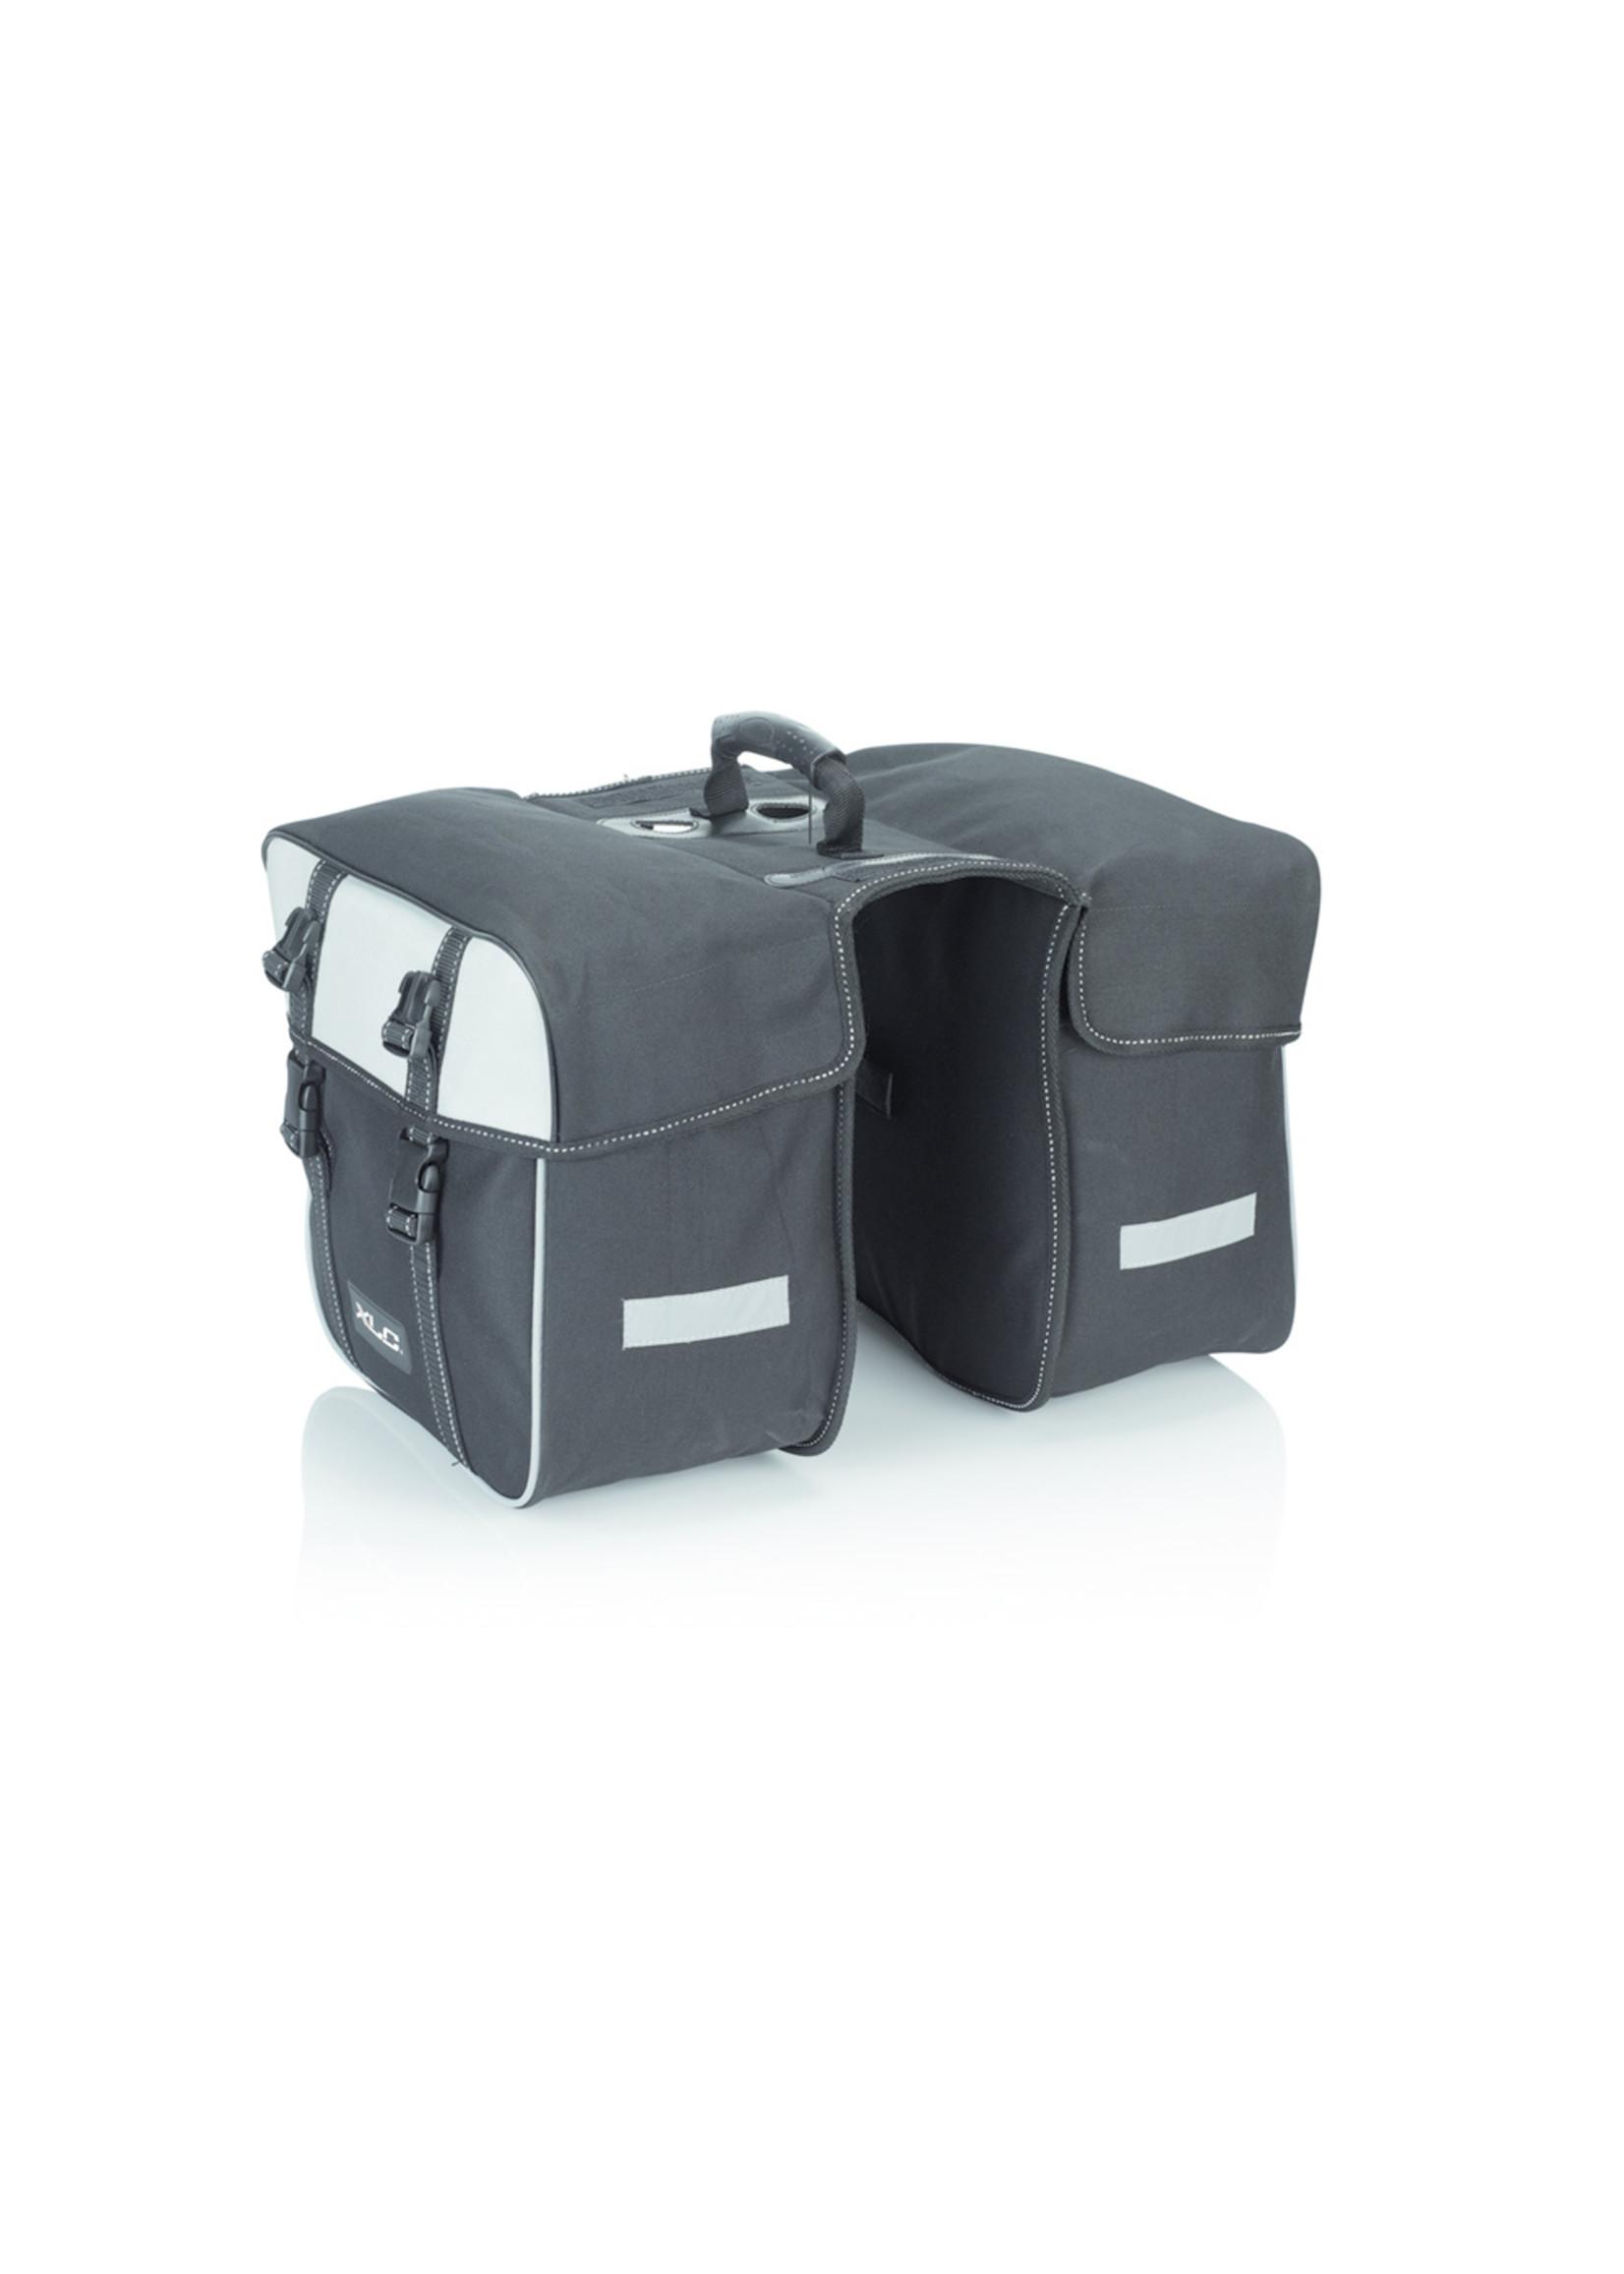 XLC Travel Double Pannier 30Ltr